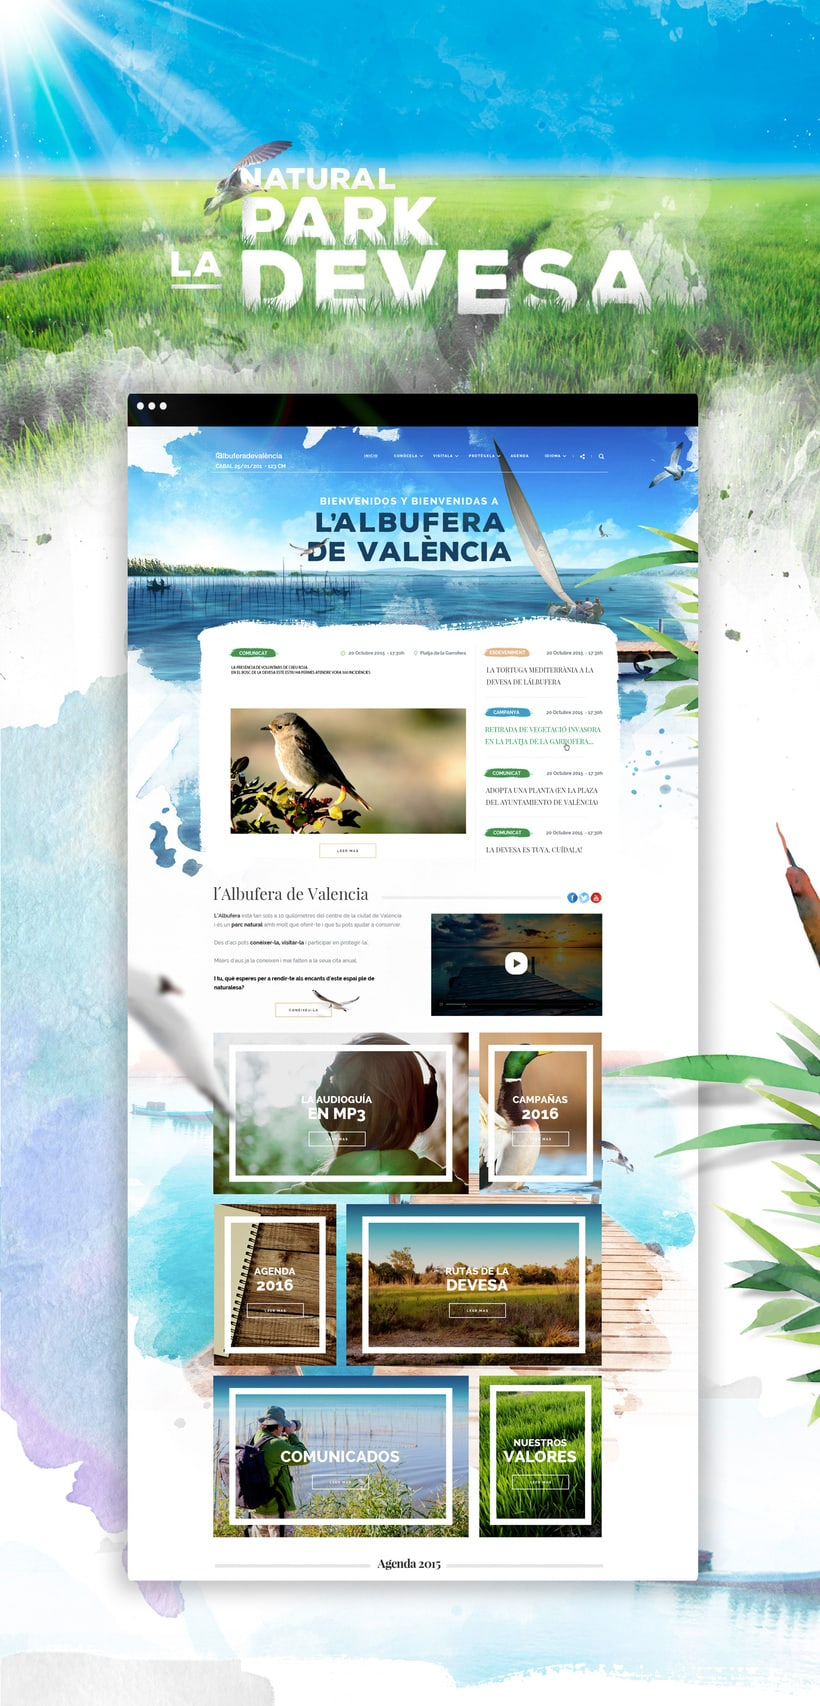 Diseño website - Parque Natural Devesa / Albufera - Ayuntamiento de Valencia 0